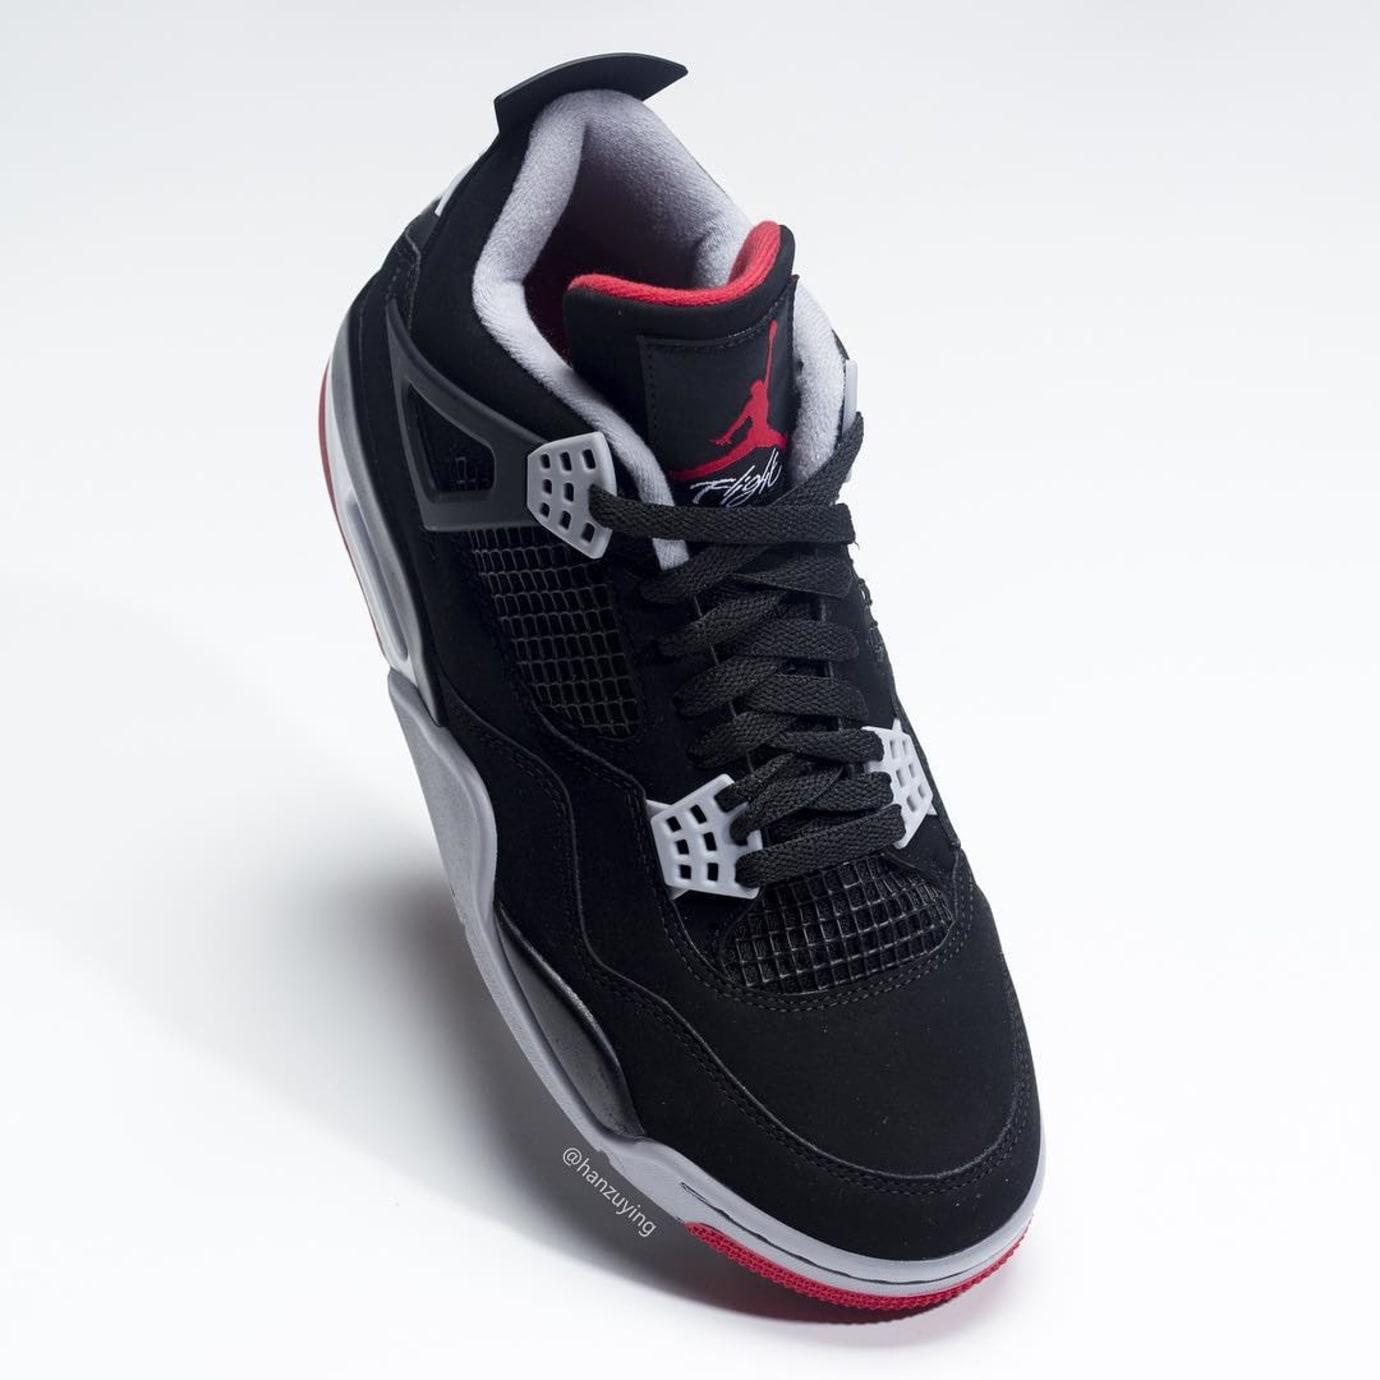 Air Jordan 4 Retro  Black Cement Grey Summit White Fire Red  308497 ... 96186d69a